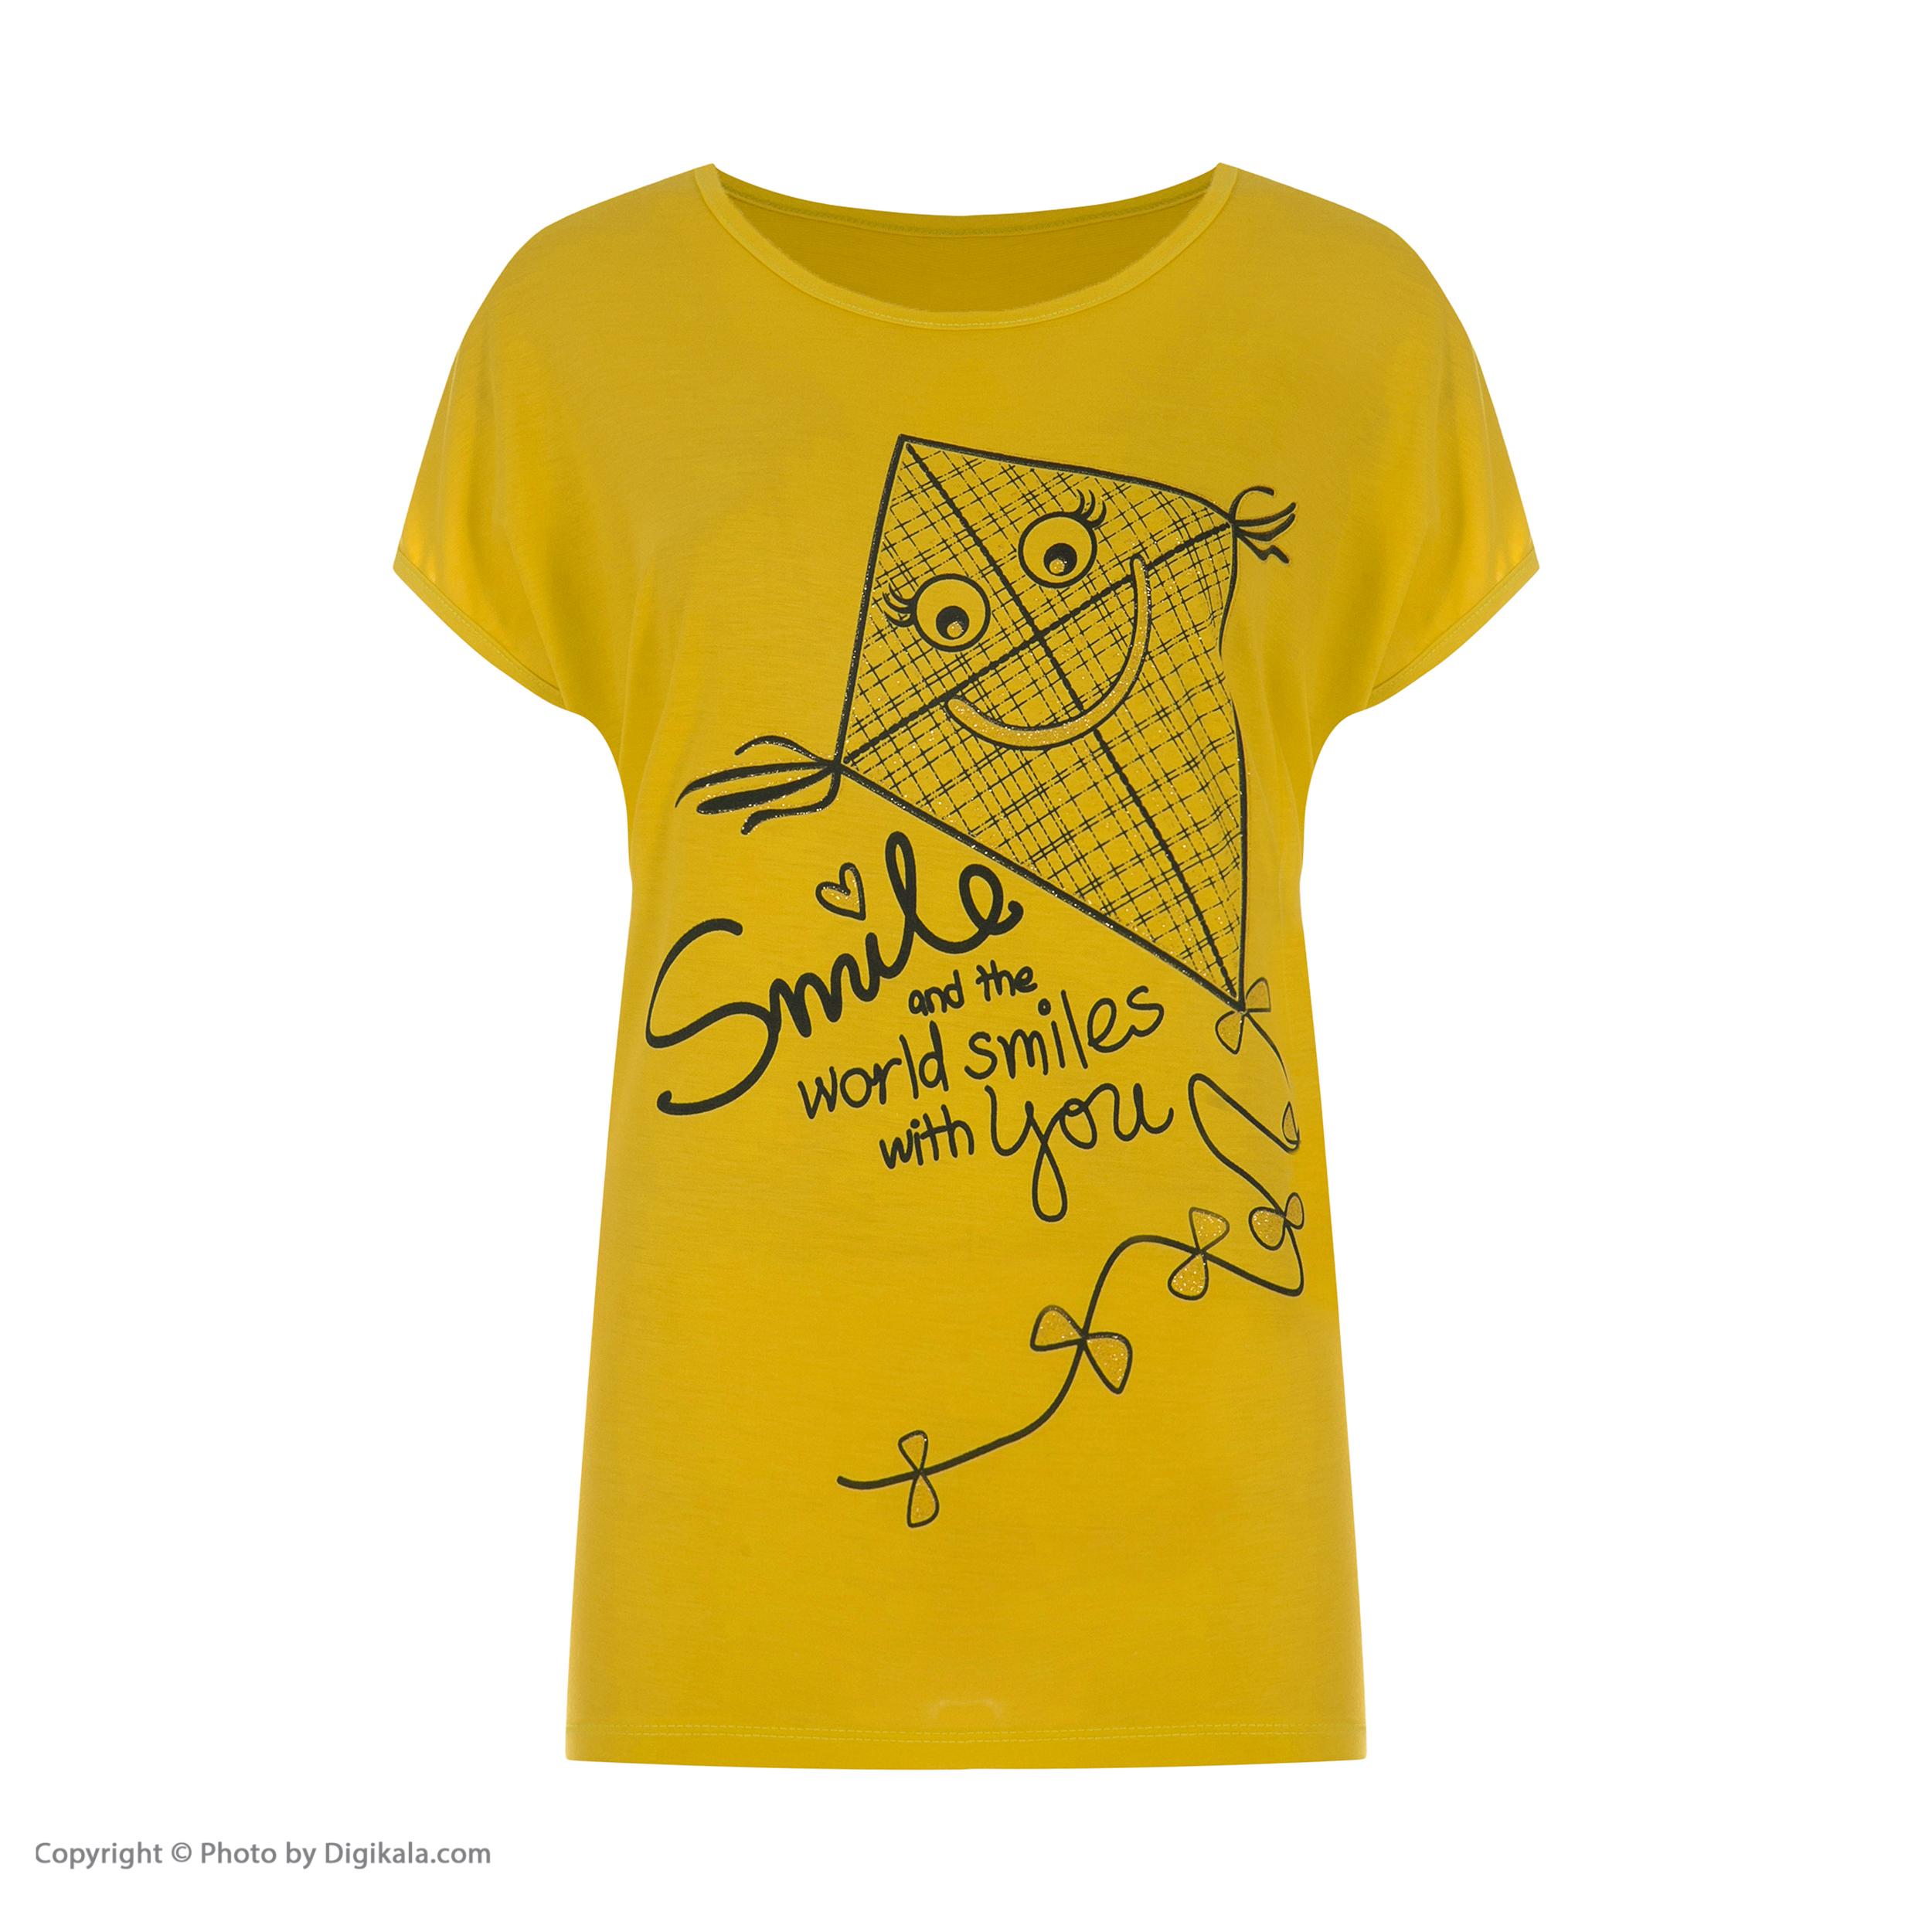 تی شرتآستین کوتاه زنانه طرح بادبادک کد 0128 رنگ زرد